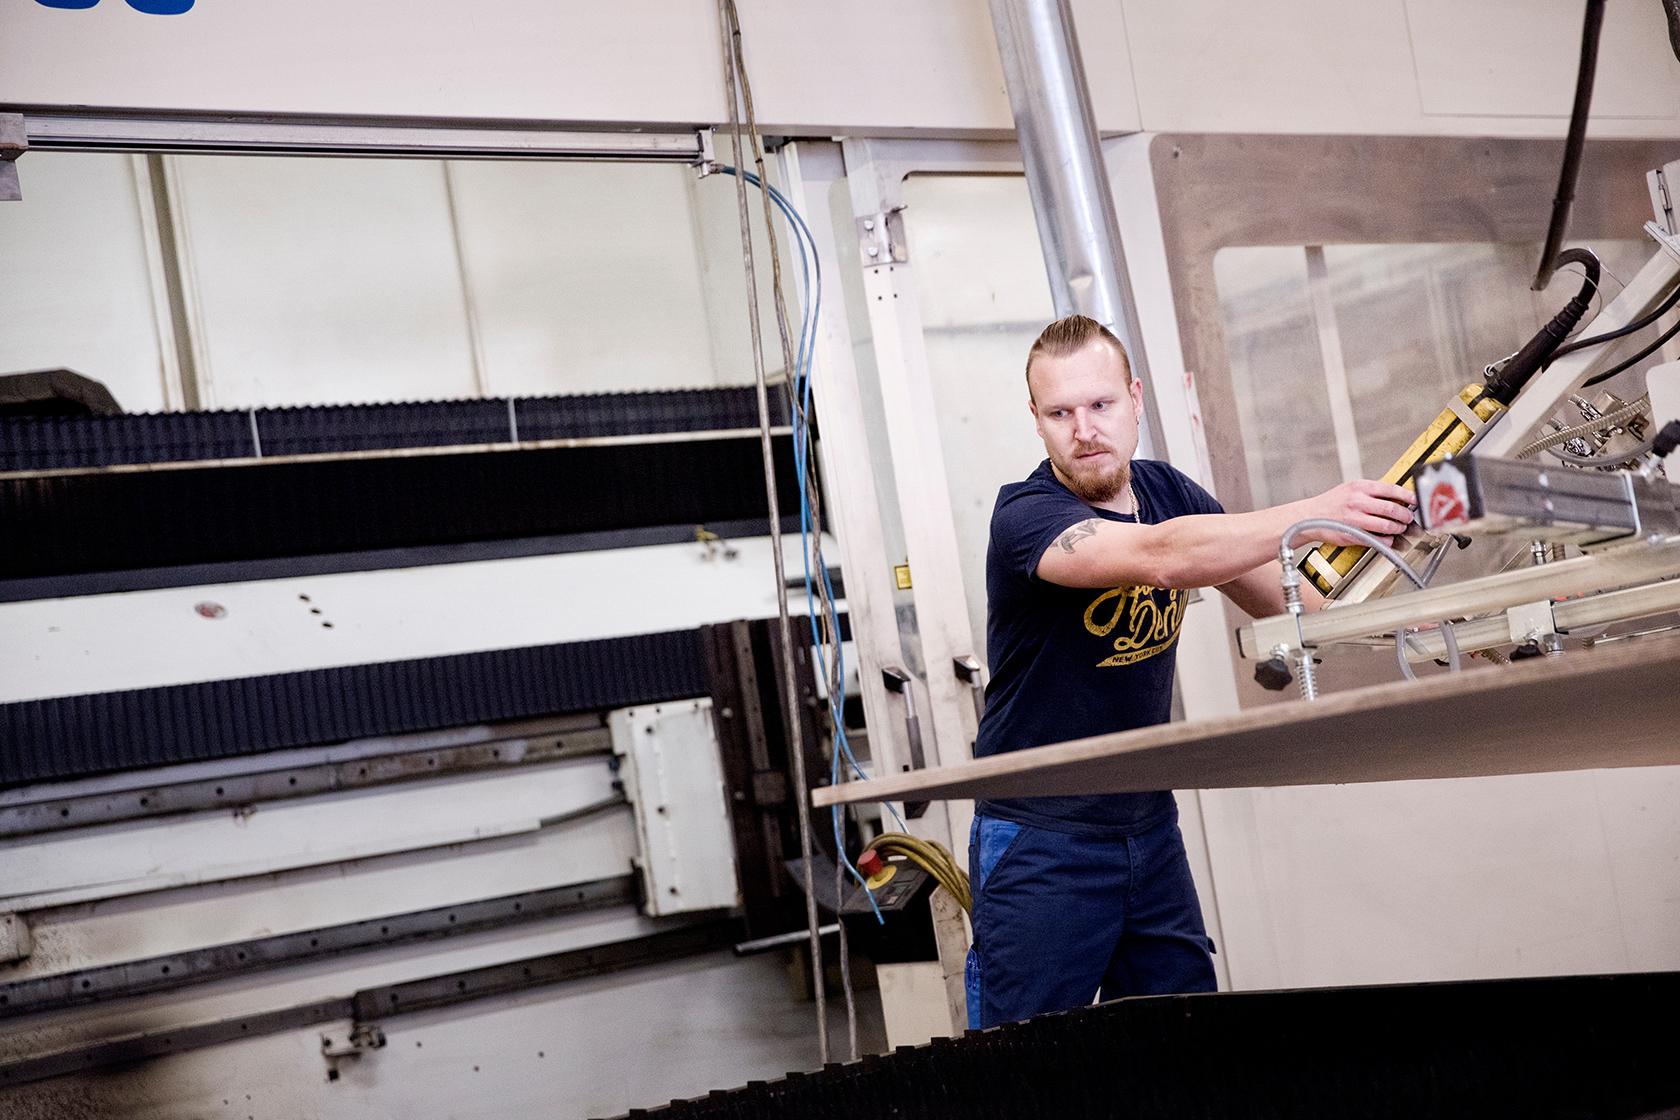 I forhold til de andre laserskærere vi har, er denne den eneste, der kan skære i træ. Det er noget, vi har bygget den om til at kunne, siger Ivan Olsen.